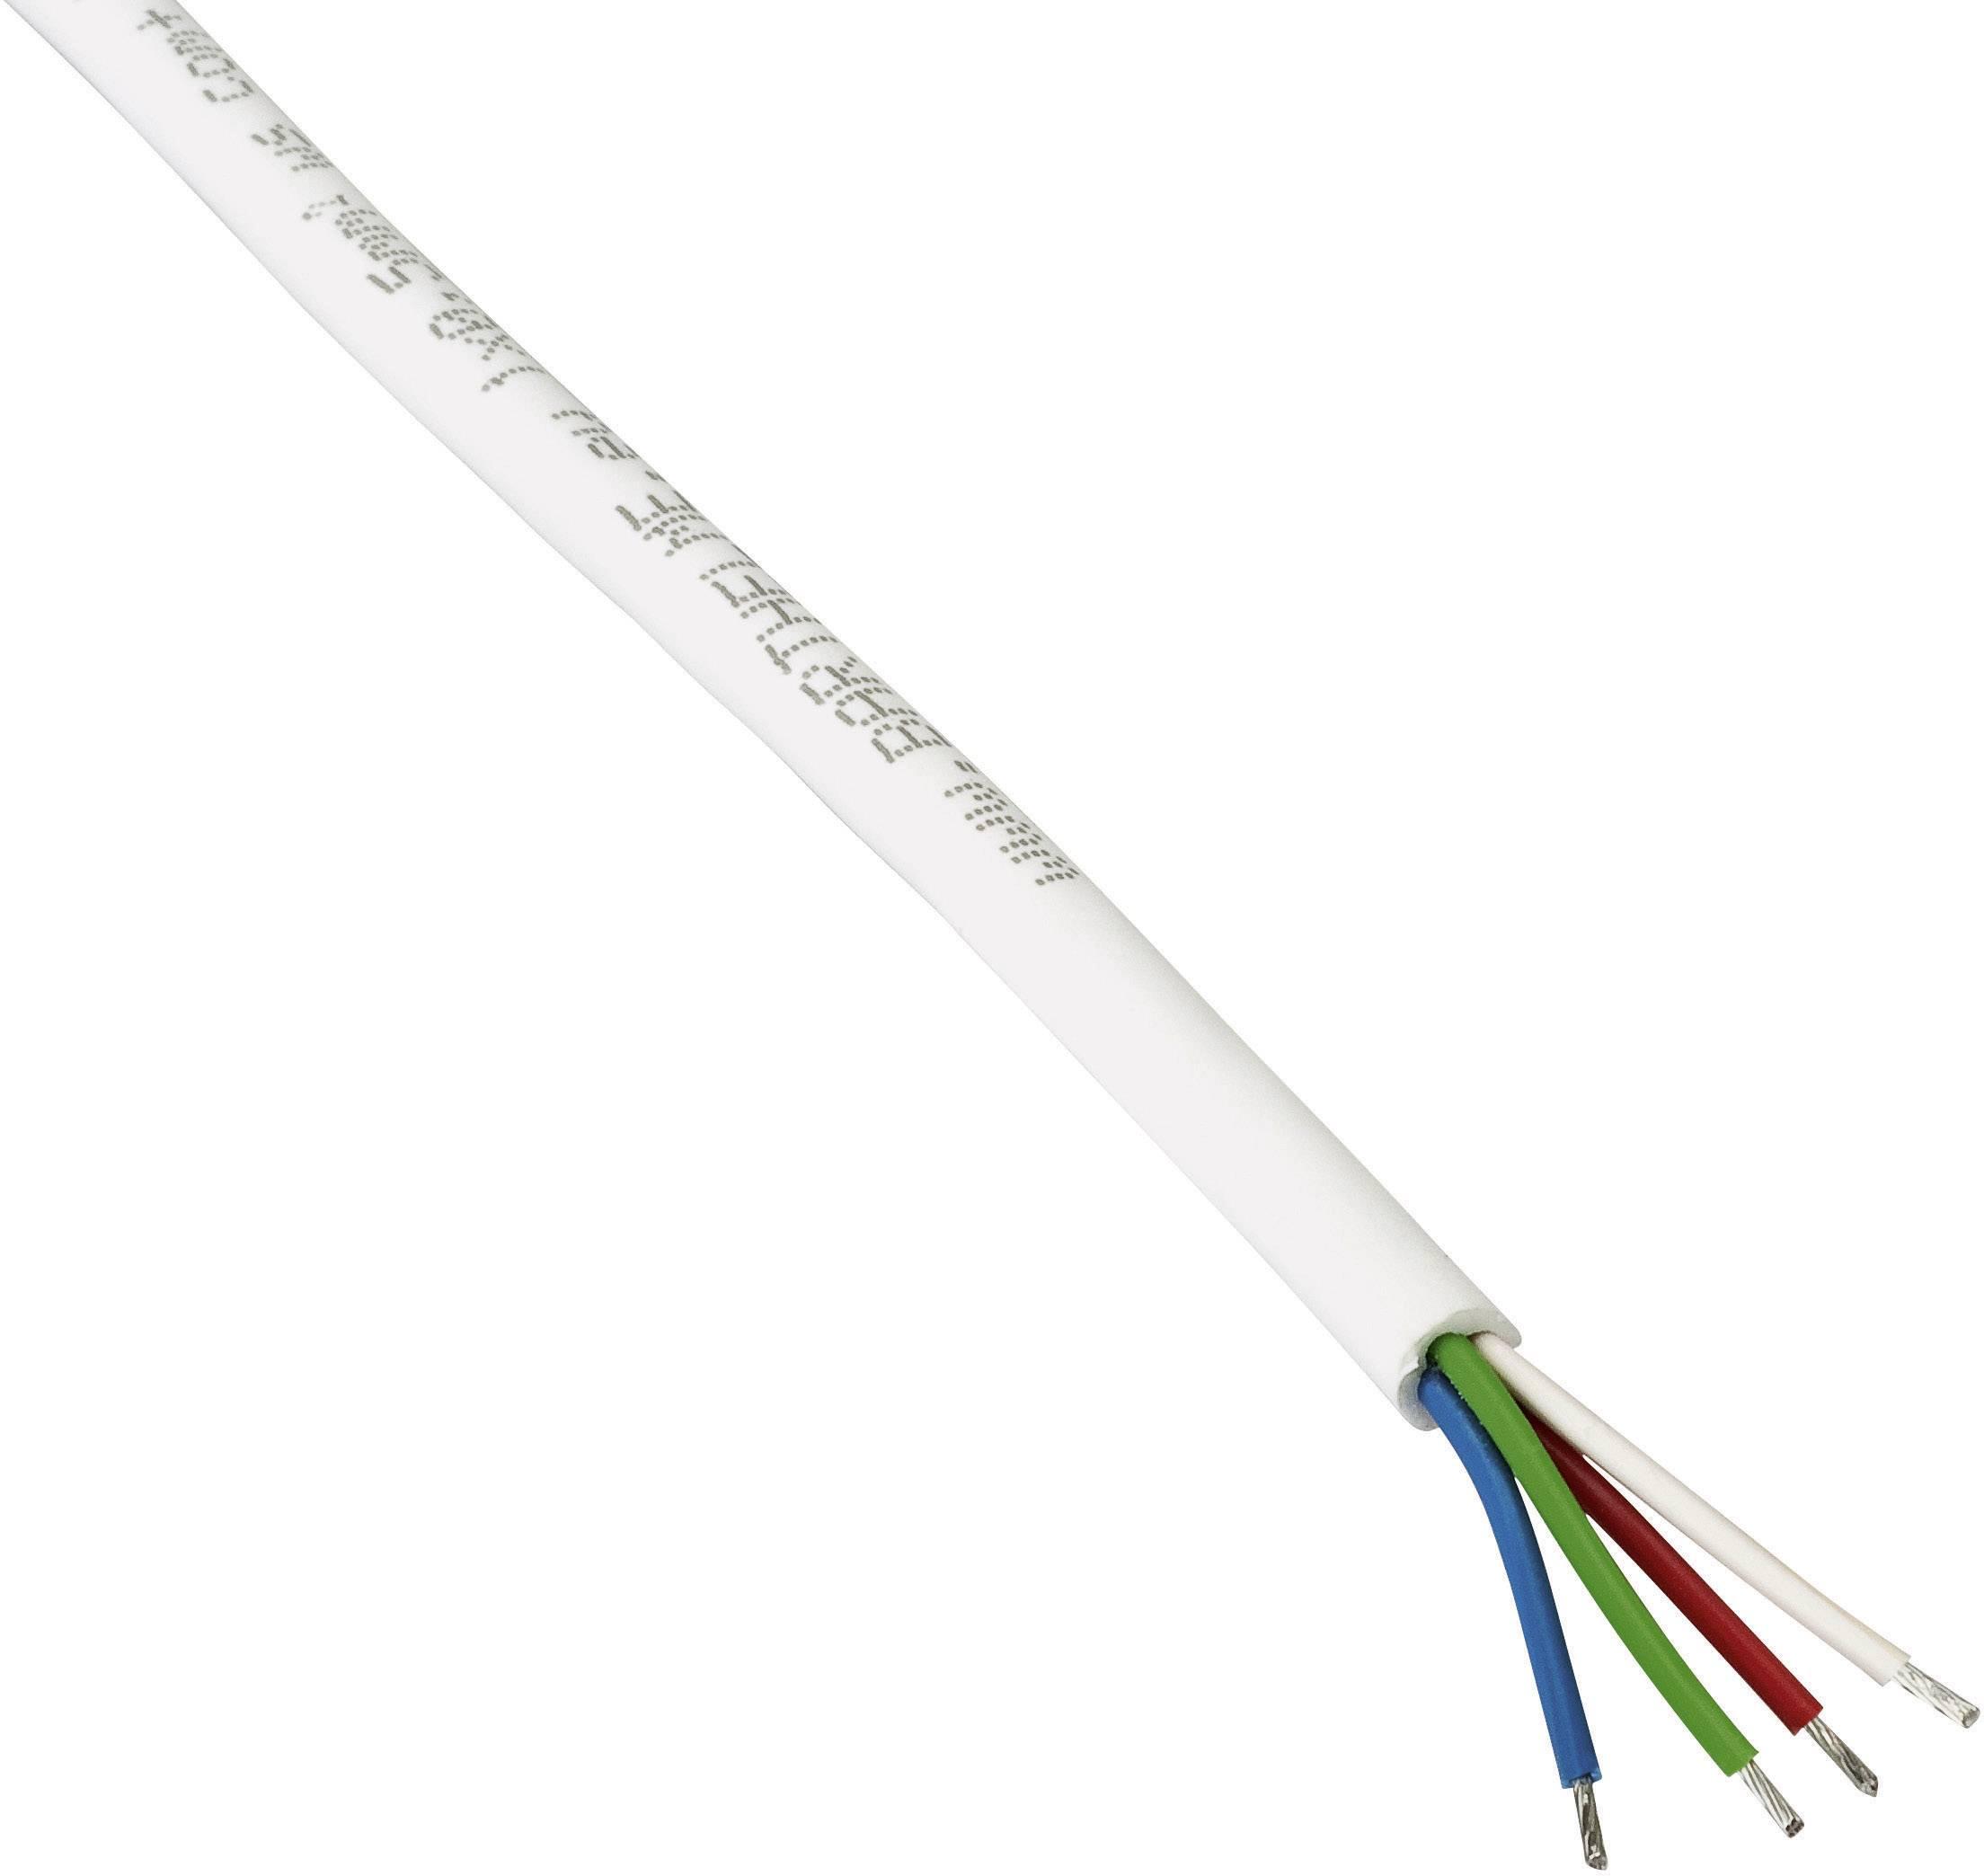 Připojovací kabel, 66100024, 5 mm, bílá